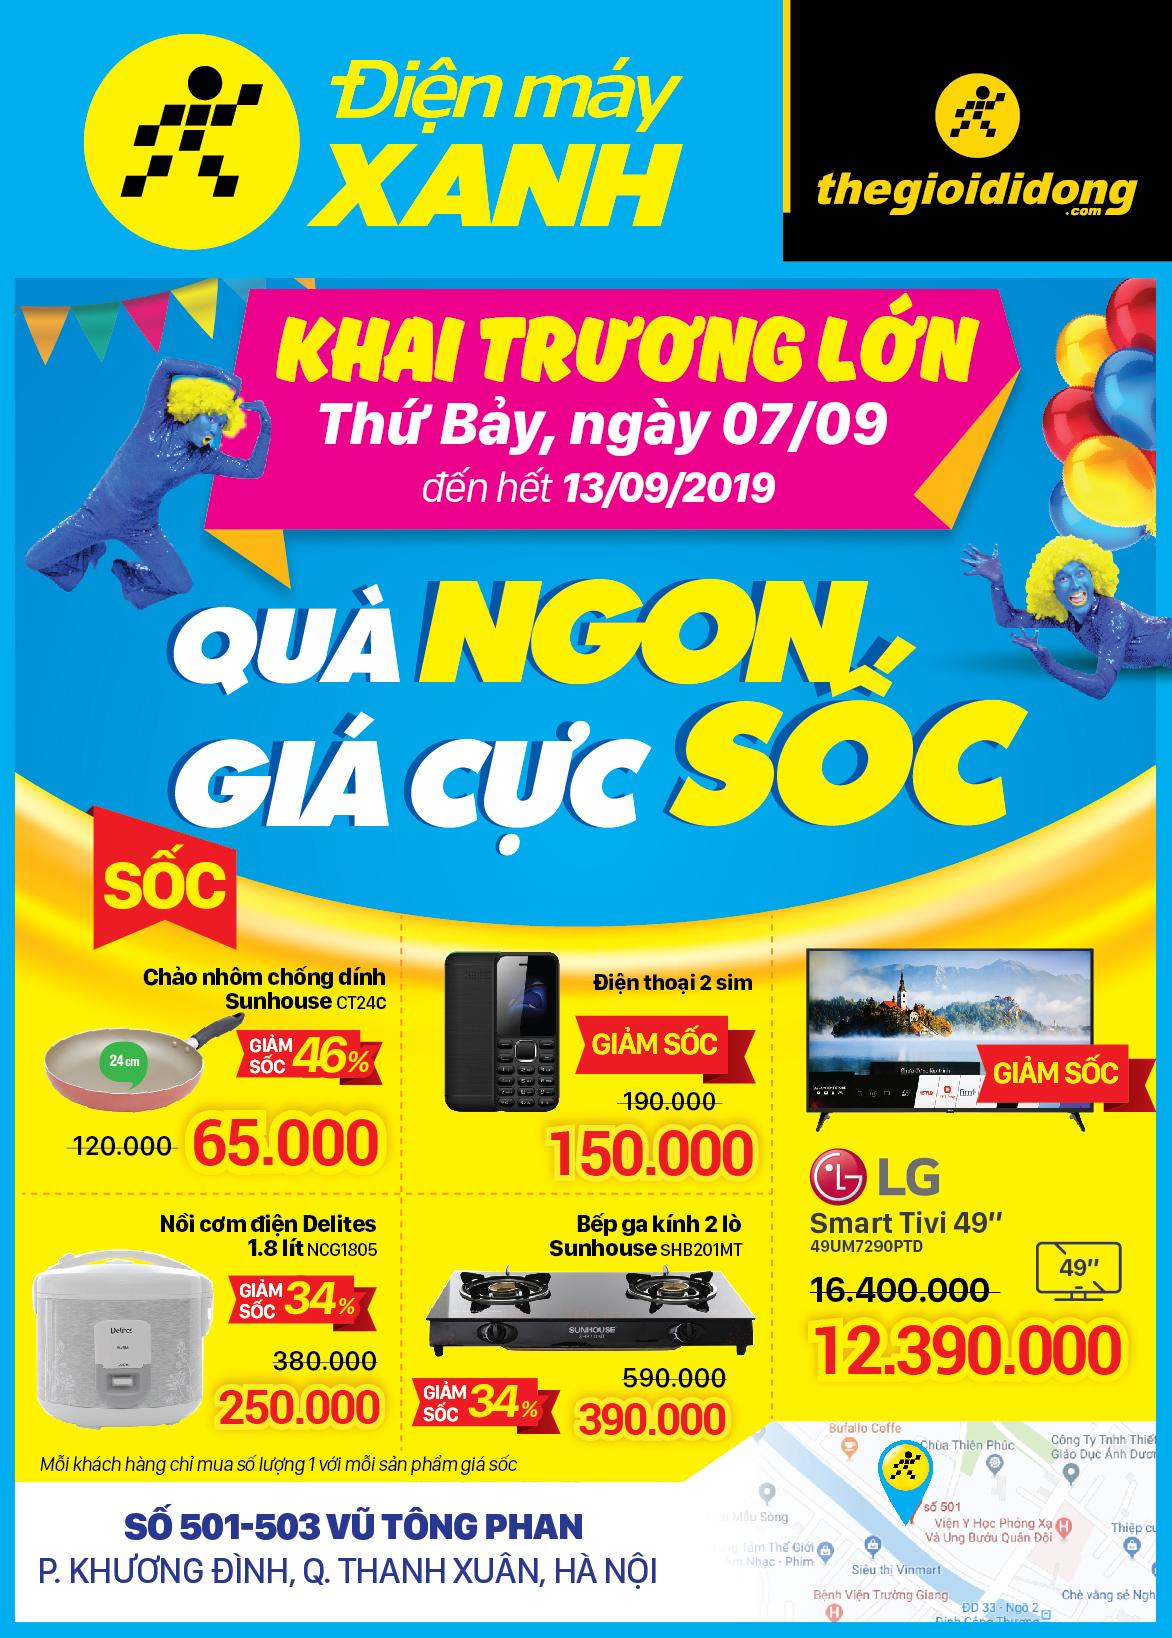 Khai trương Siêu thị Điện máy XANH Vũ Tông Phan, Thanh Xuân, Hà Nội